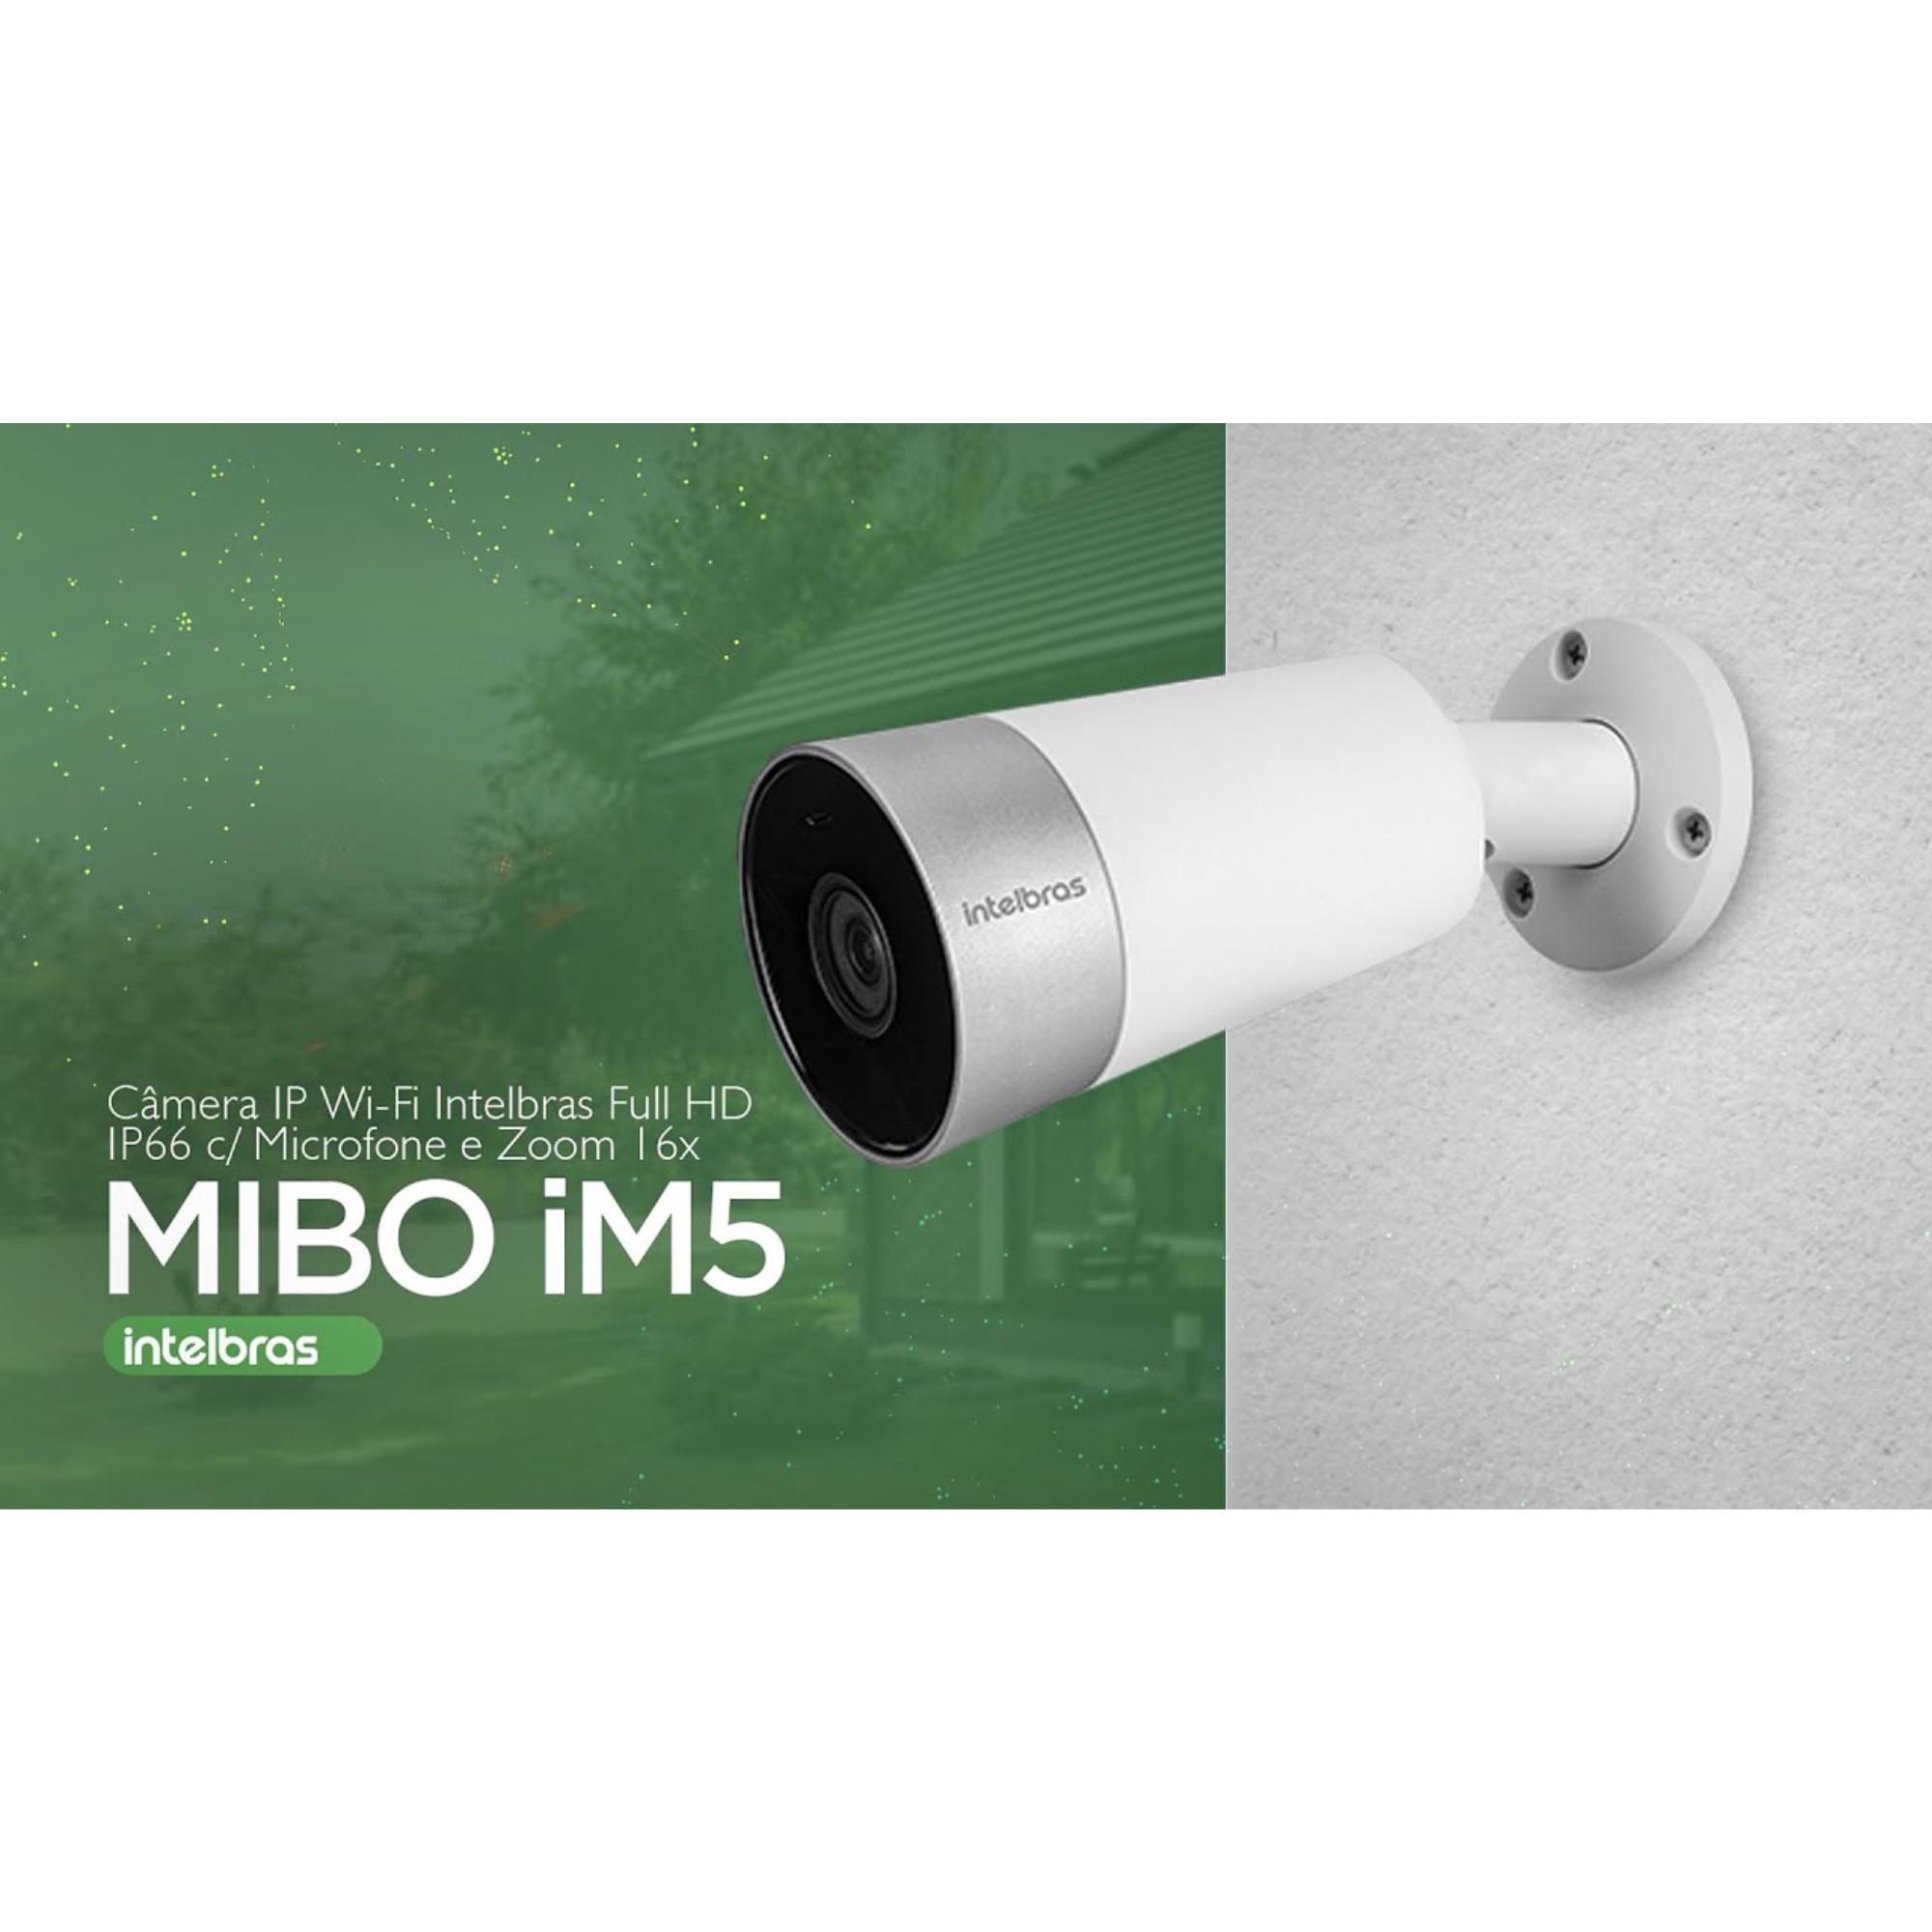 Câmera Wifi HD Intelbras Mibo iM5